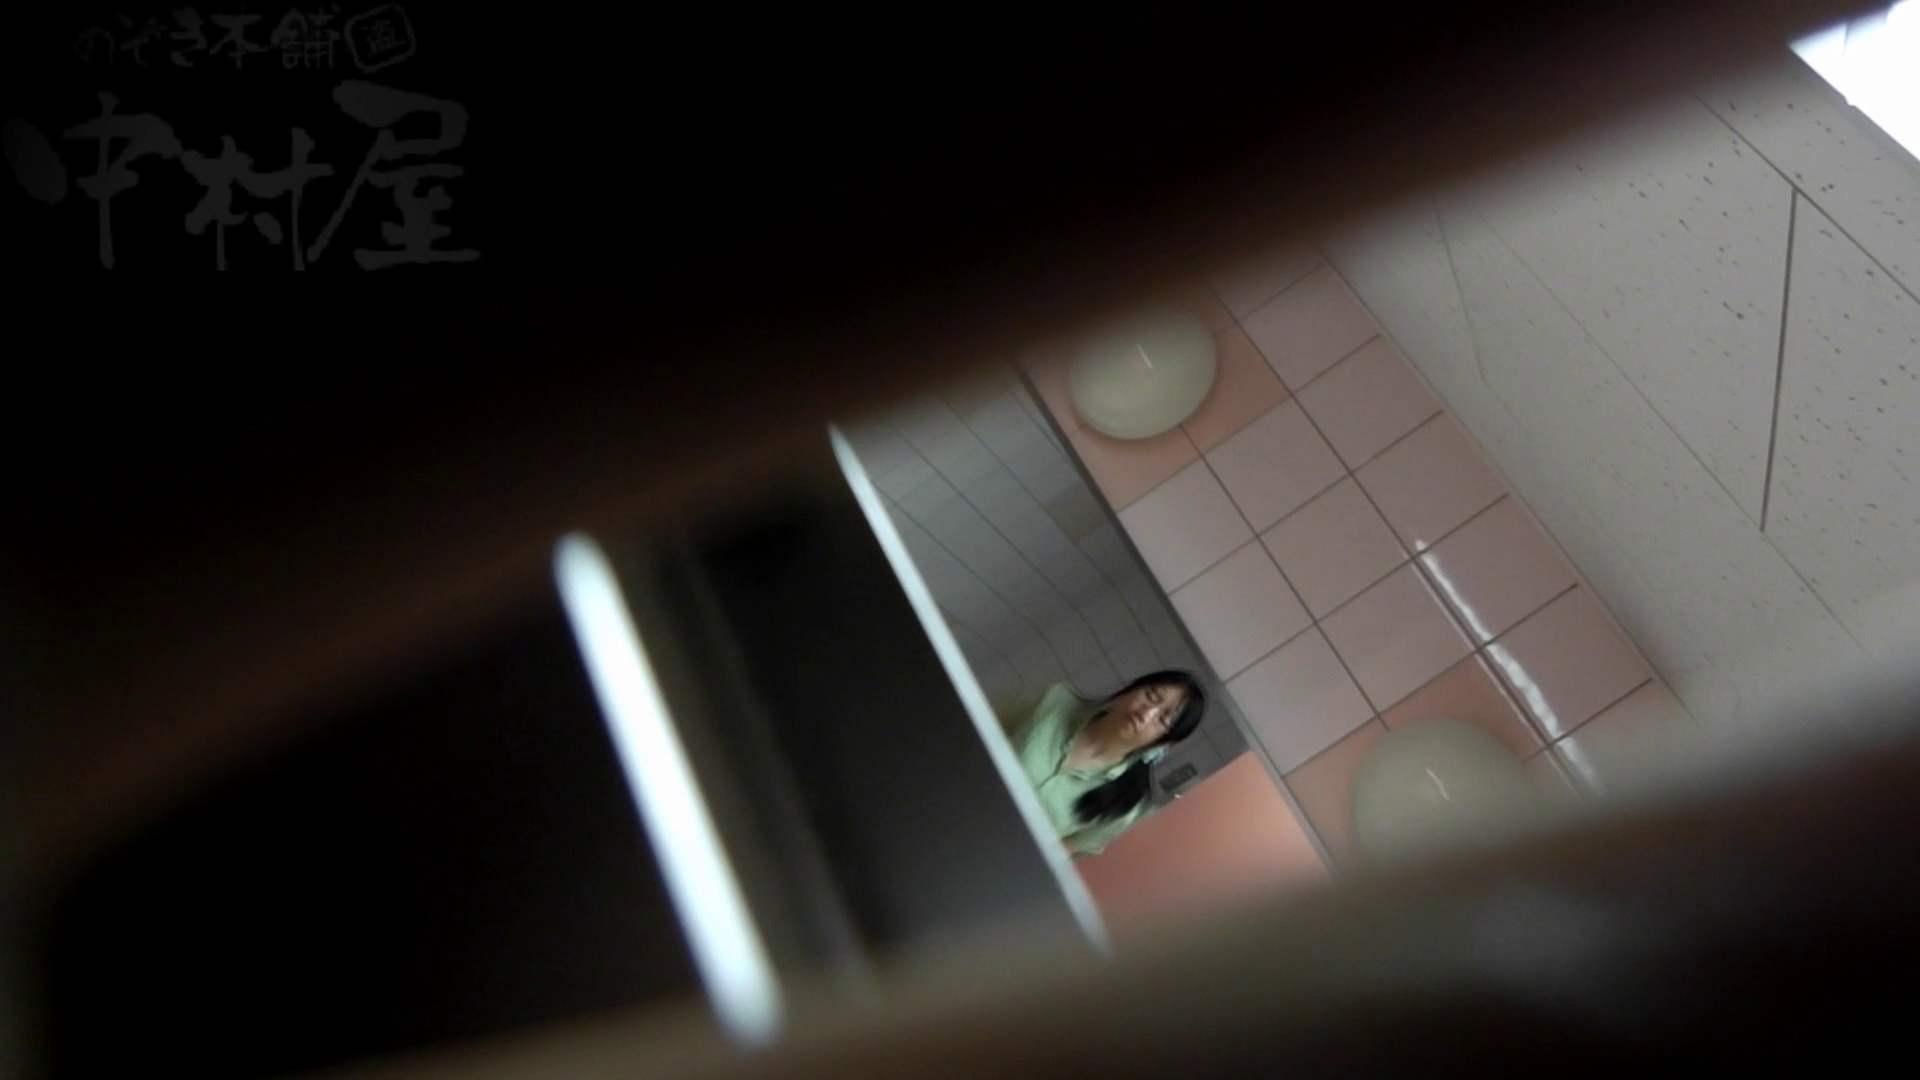 エッチ 熟女|美しい日本の未来 No.14 美しい日本の未来 No.14 チラっ、あっ・・・。攻めのアングルです。!|のぞき本舗 中村屋